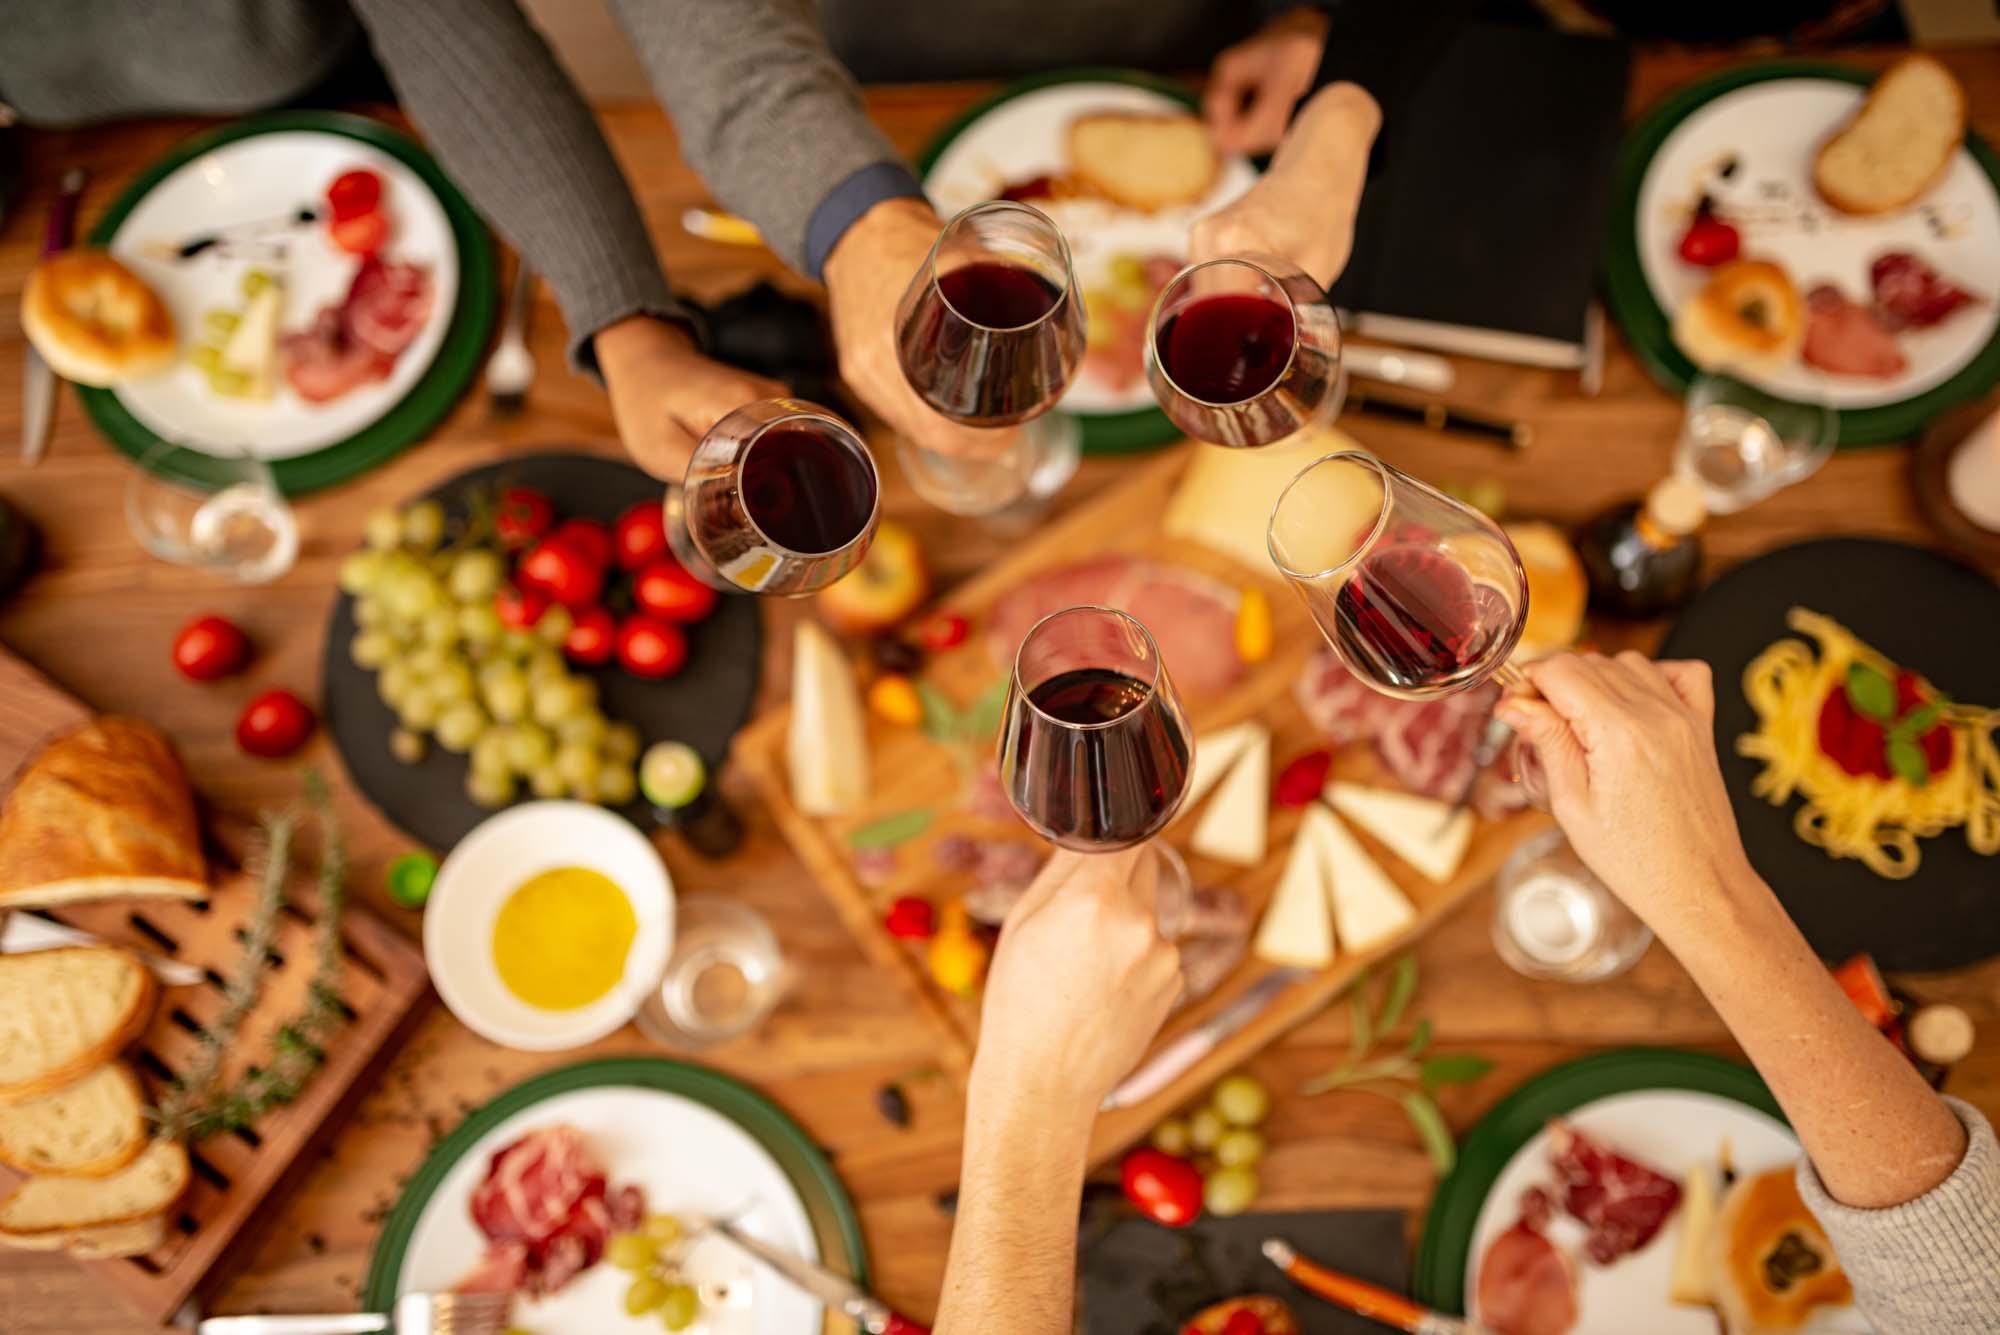 Corsi Di Cucina Formazione Manageriale a Parma